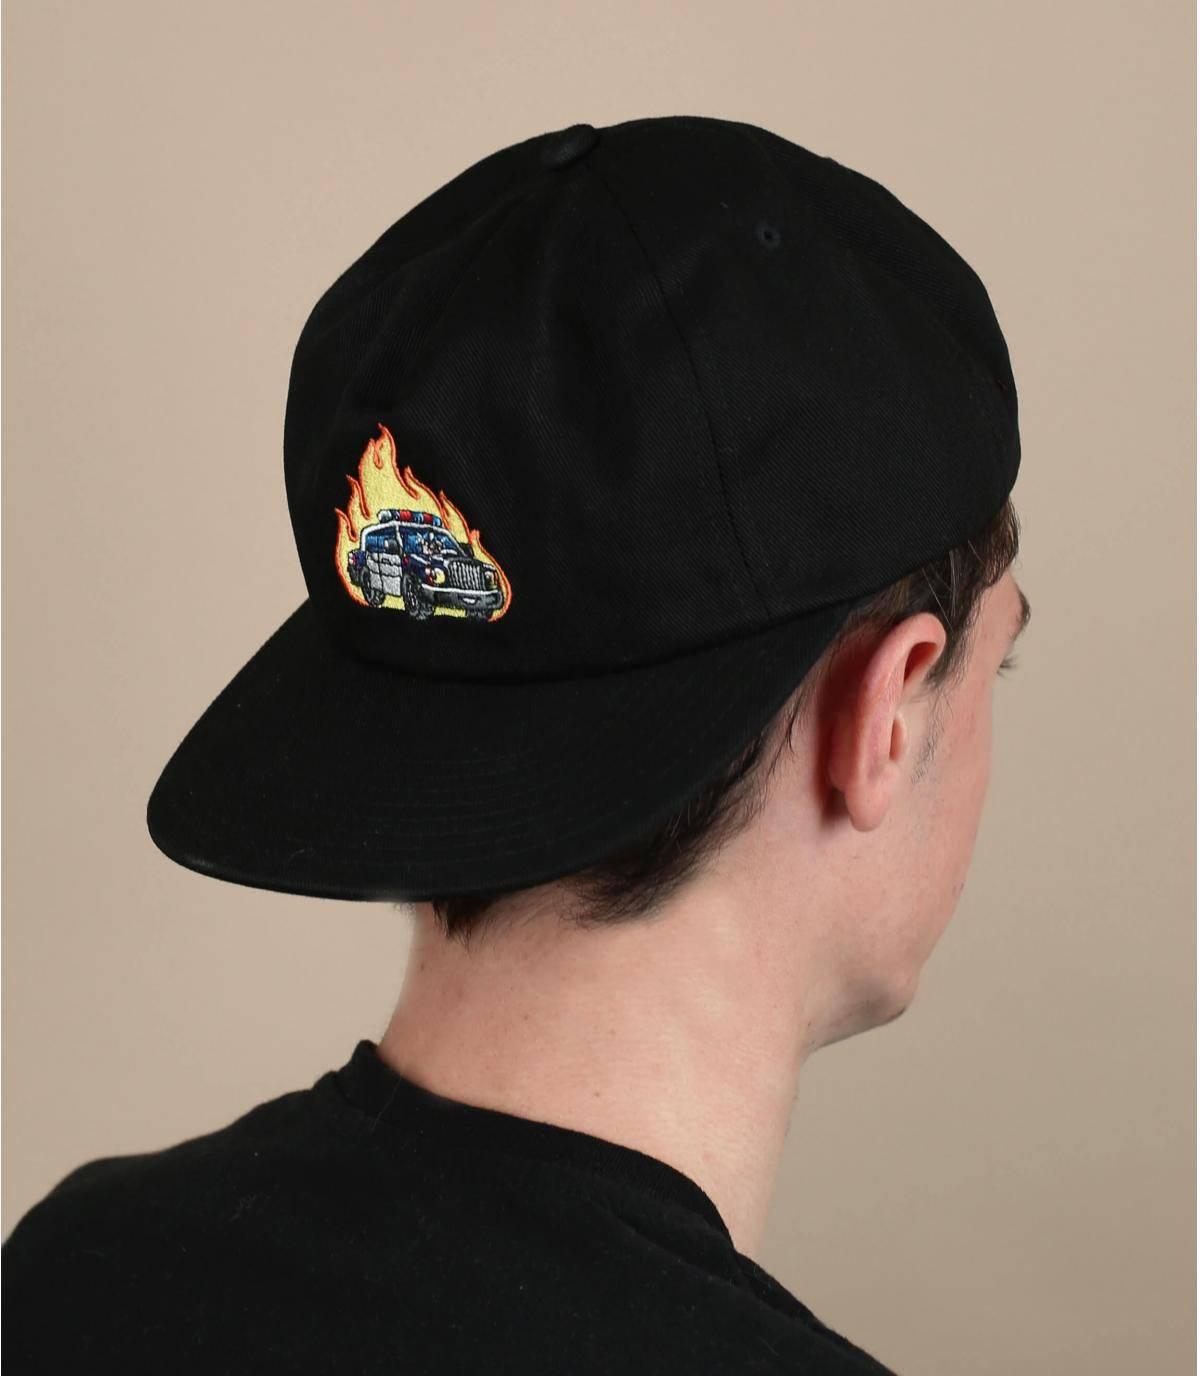 Huf police cap